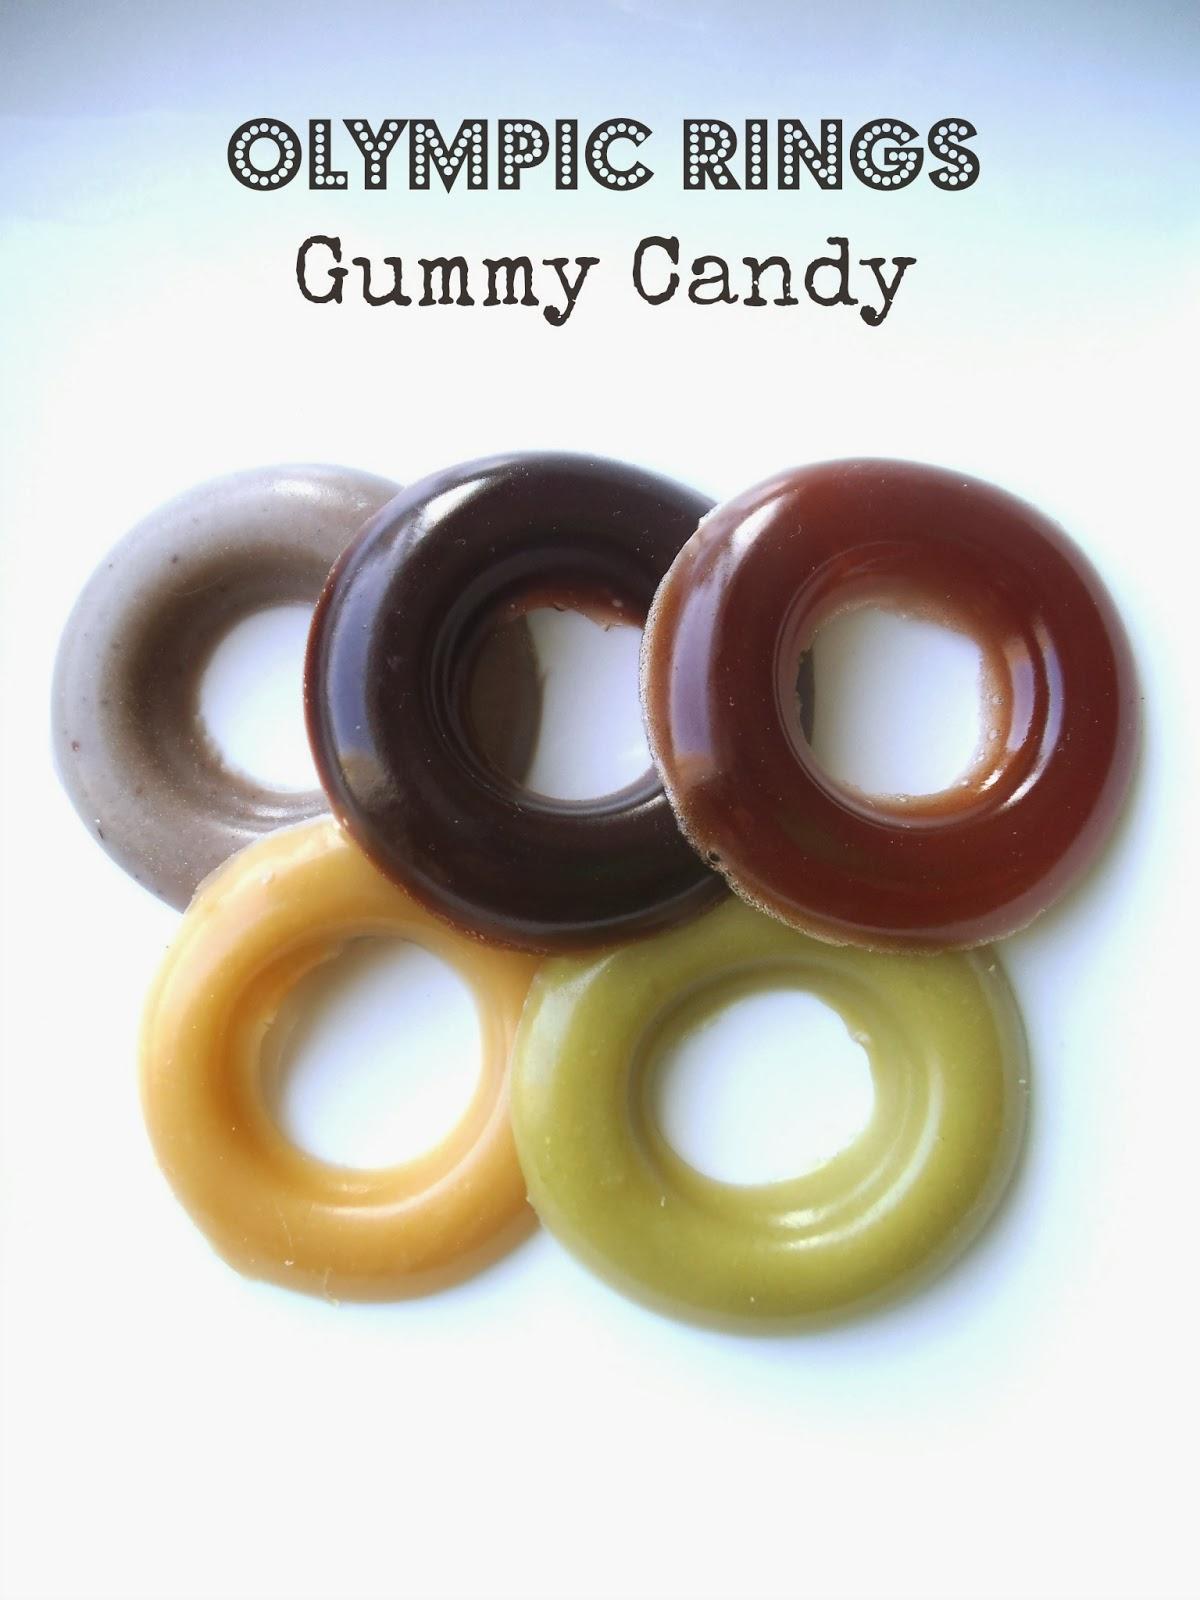 http://3.bp.blogspot.com/-PDmcqg2qKt8/UvPbTRmtNVI/AAAAAAAACK4/1nf4QOG5zEA/s1600/olympic-candy.jpg